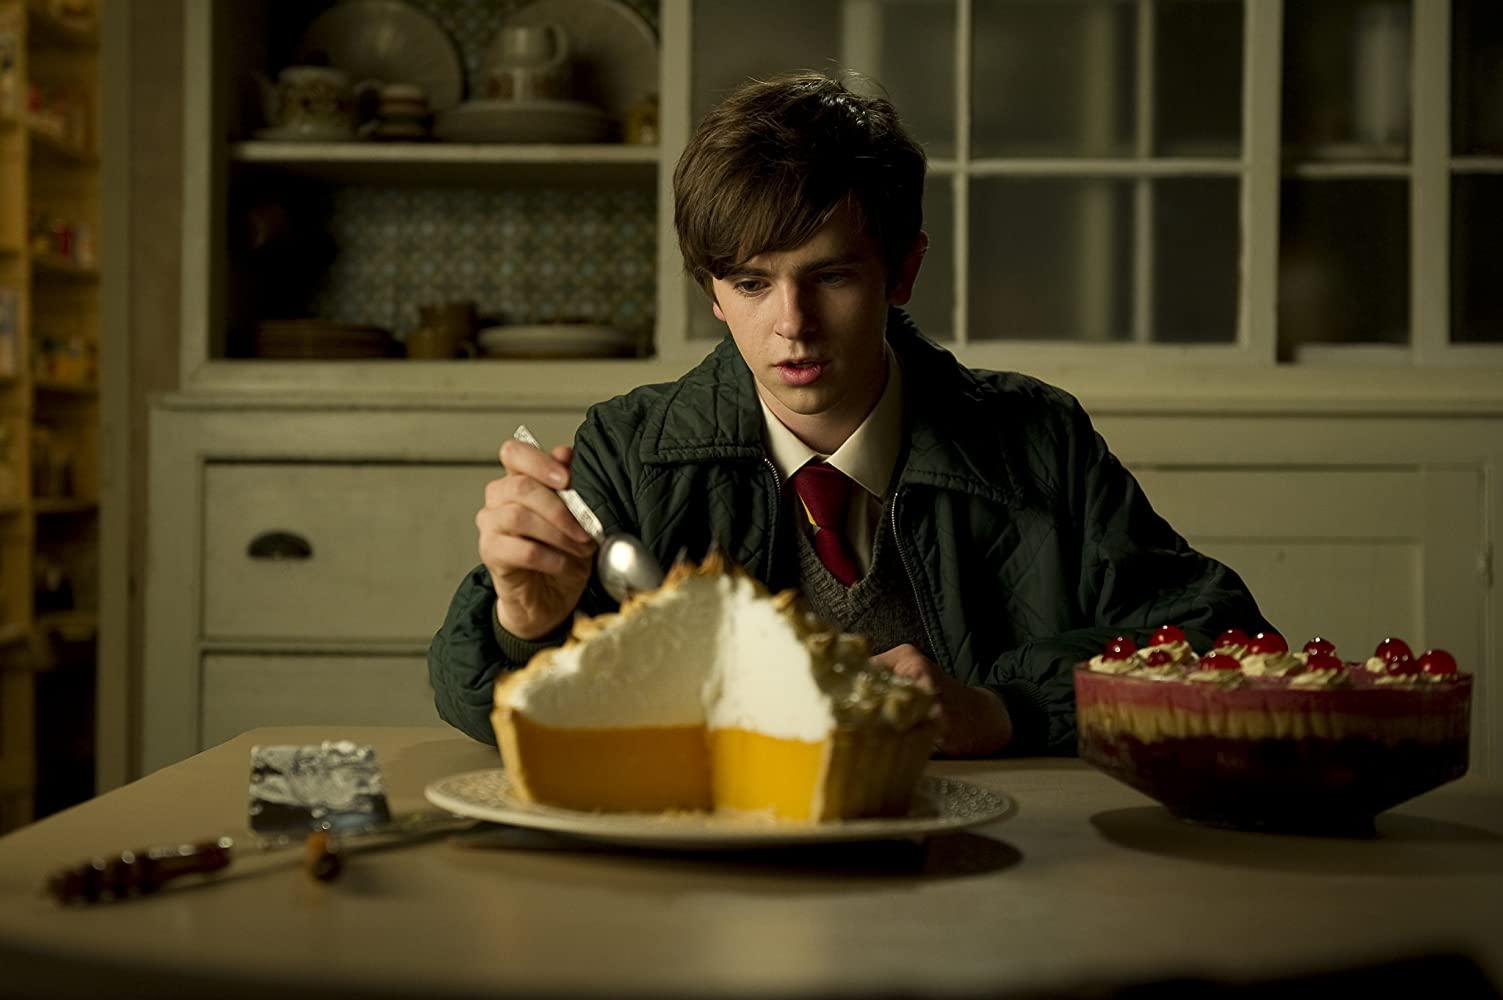 Freddie Highmore as Nigel Slater in Toast